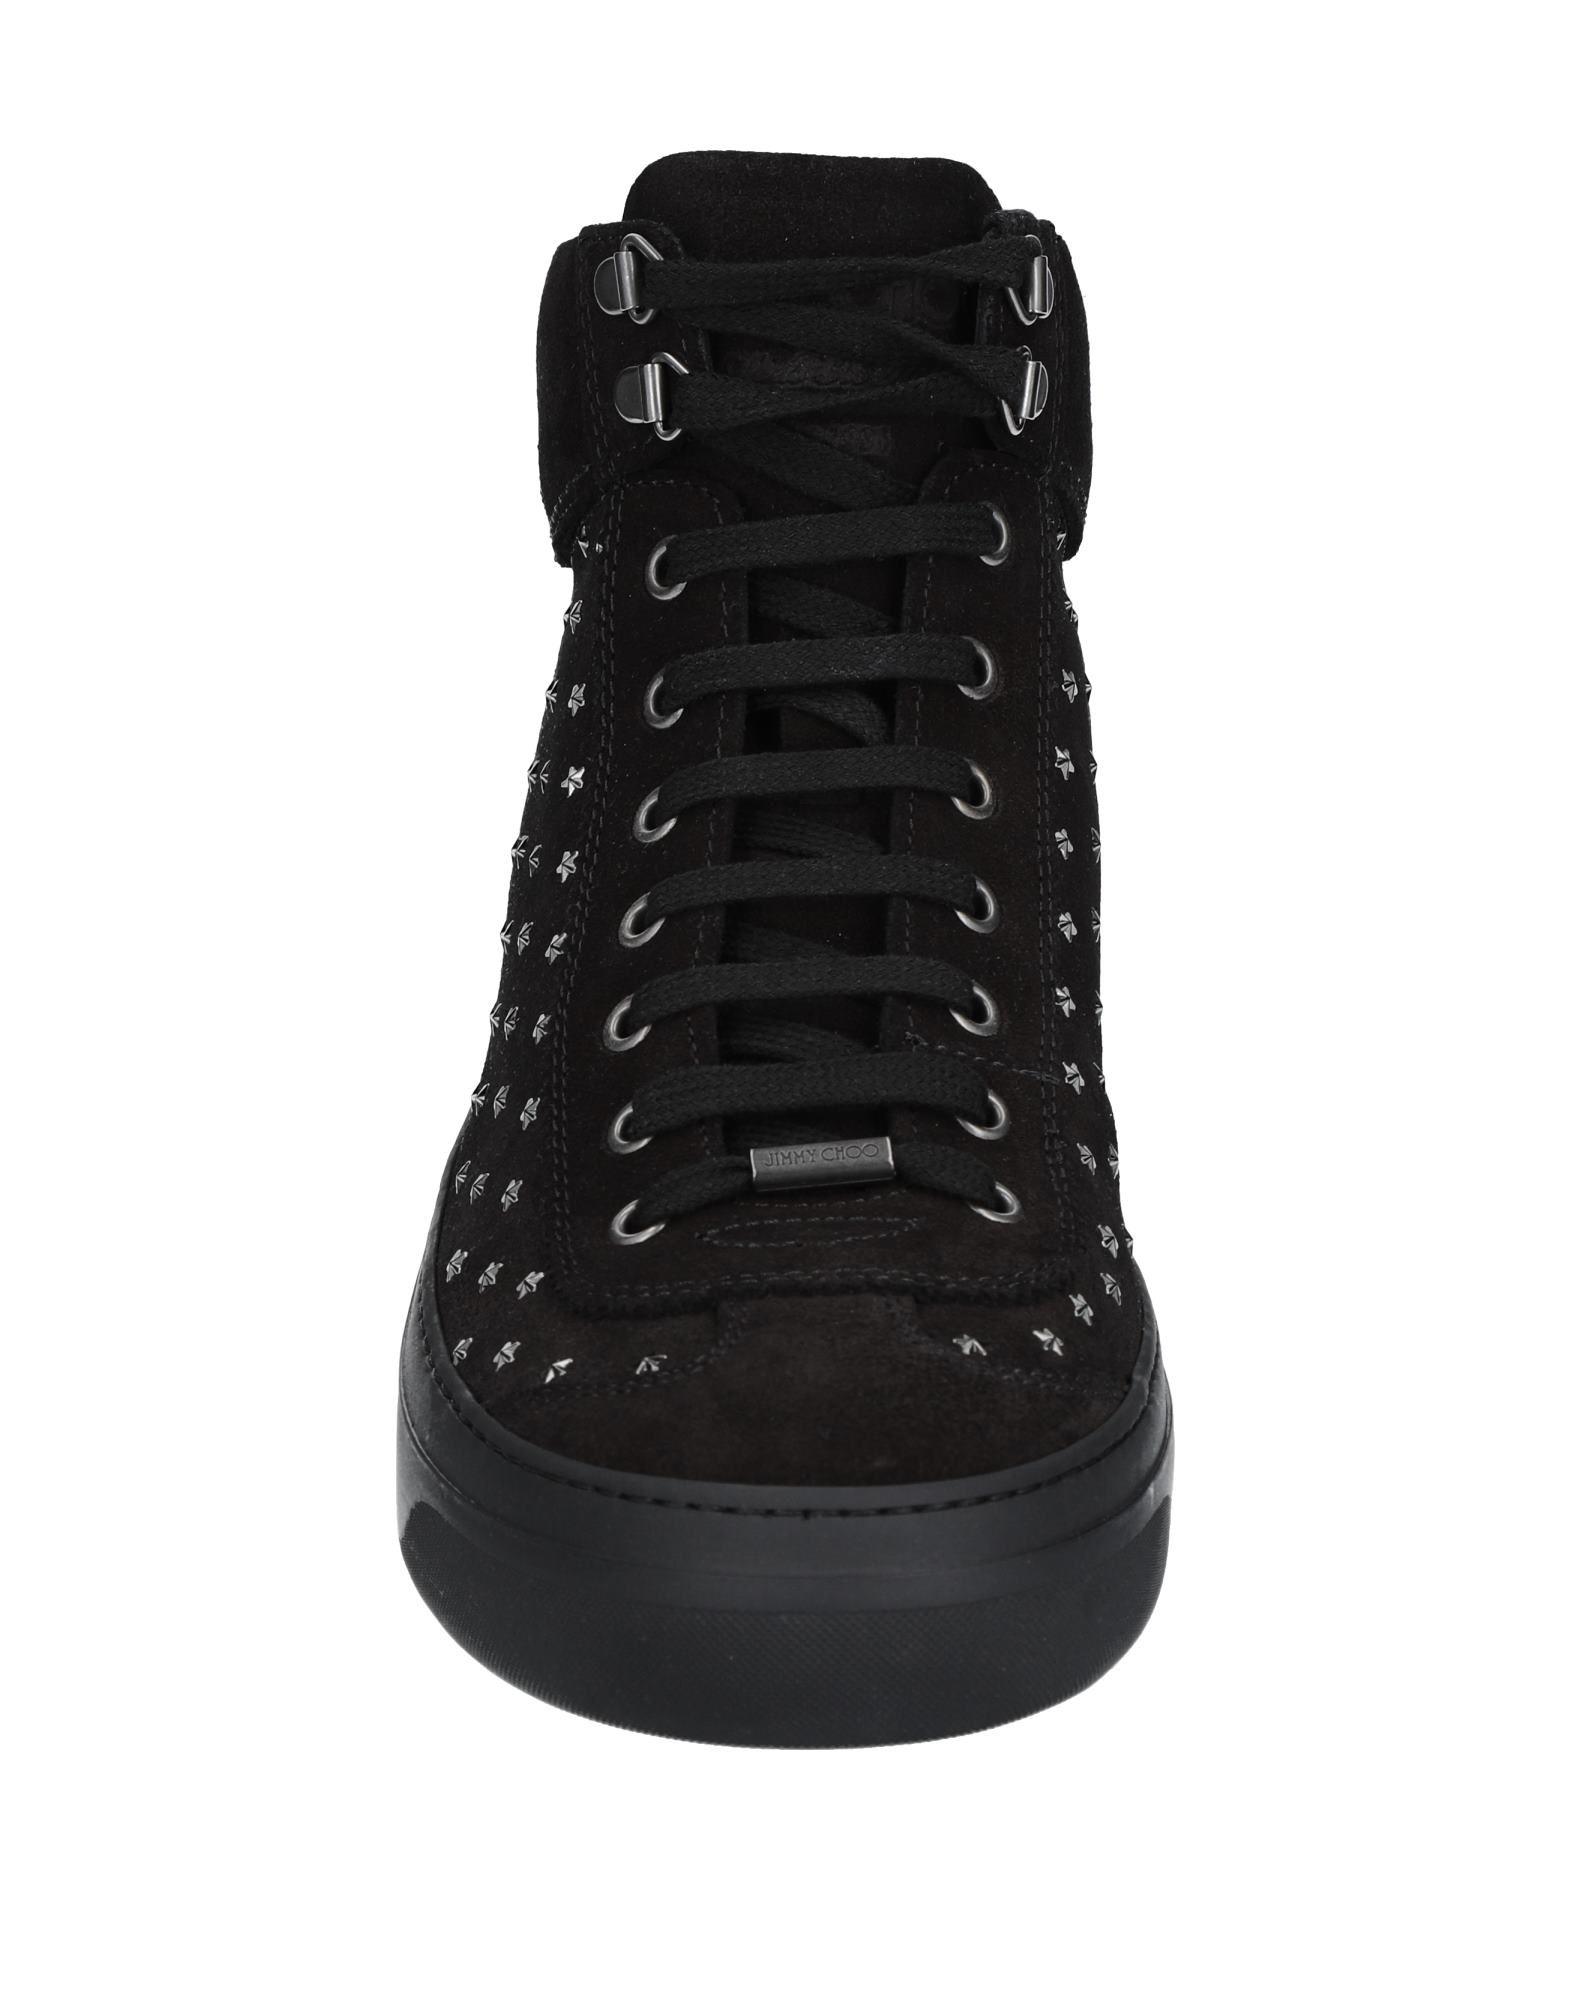 Jimmy Choo Sneakers - Men Jimmy Choo Sneakers Sneakers Sneakers online on  Australia - 11530570DL b39e9e